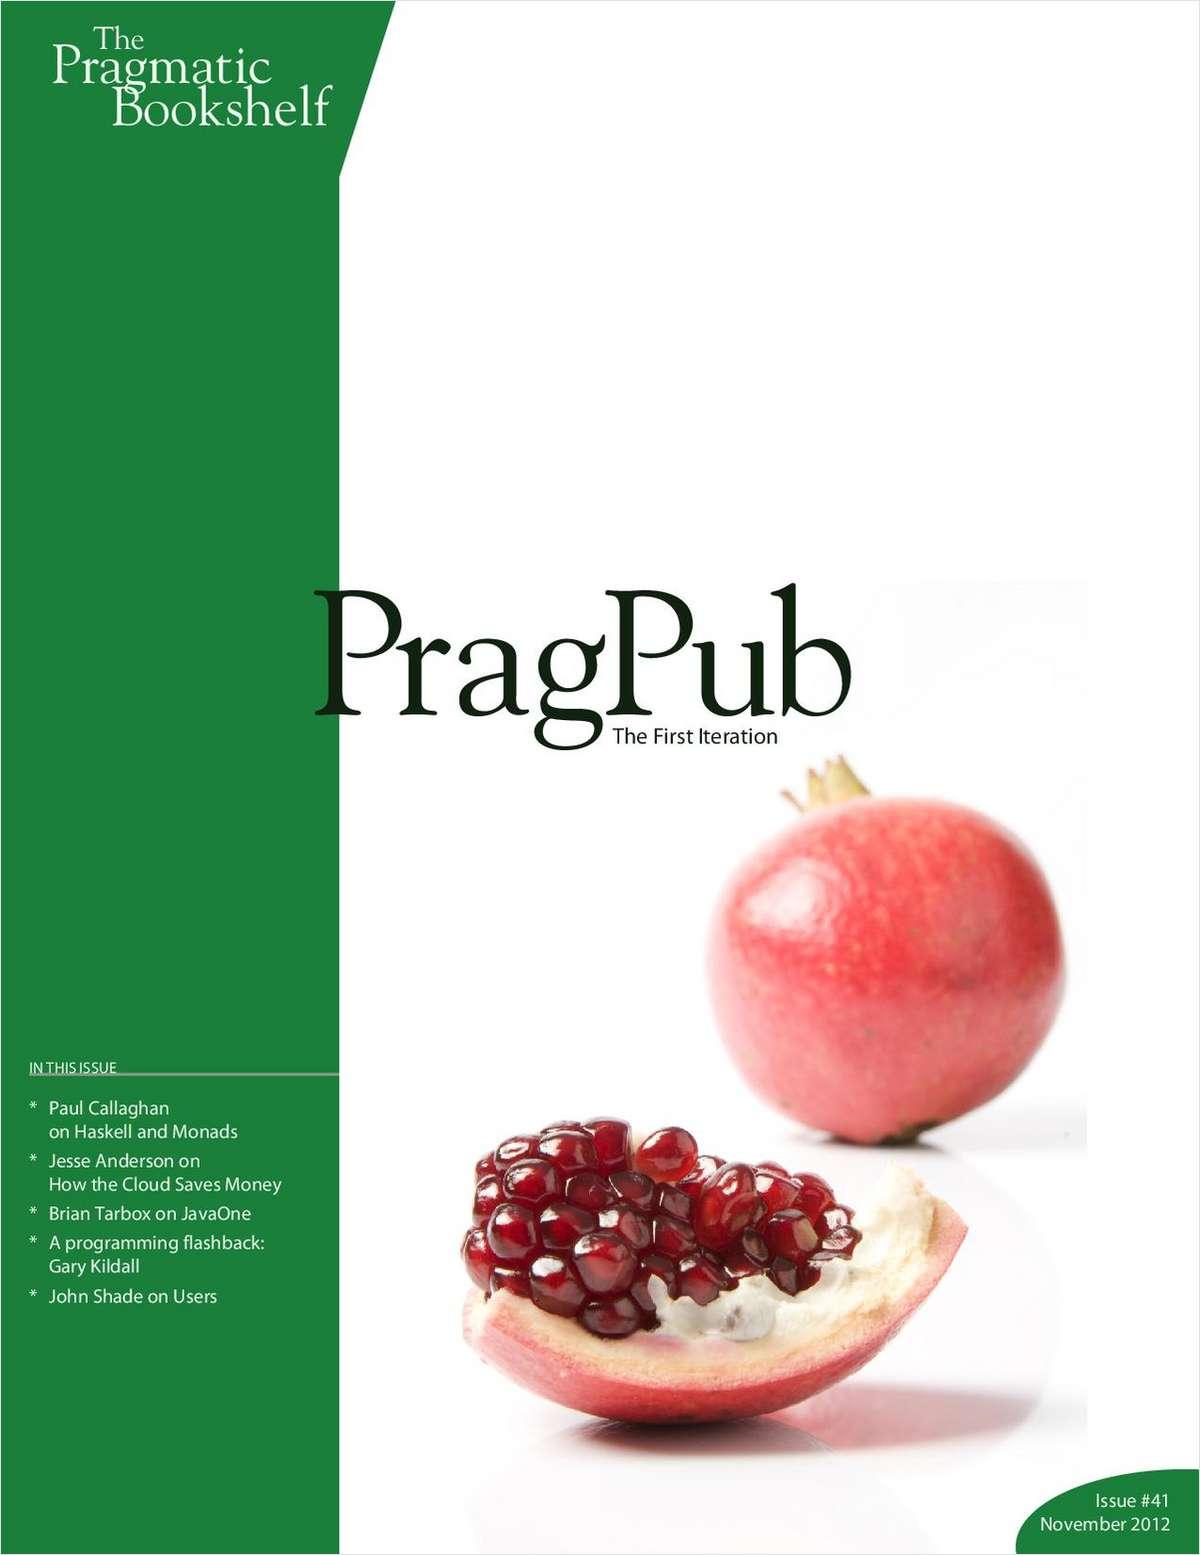 PragPub Issue #41, November 2012